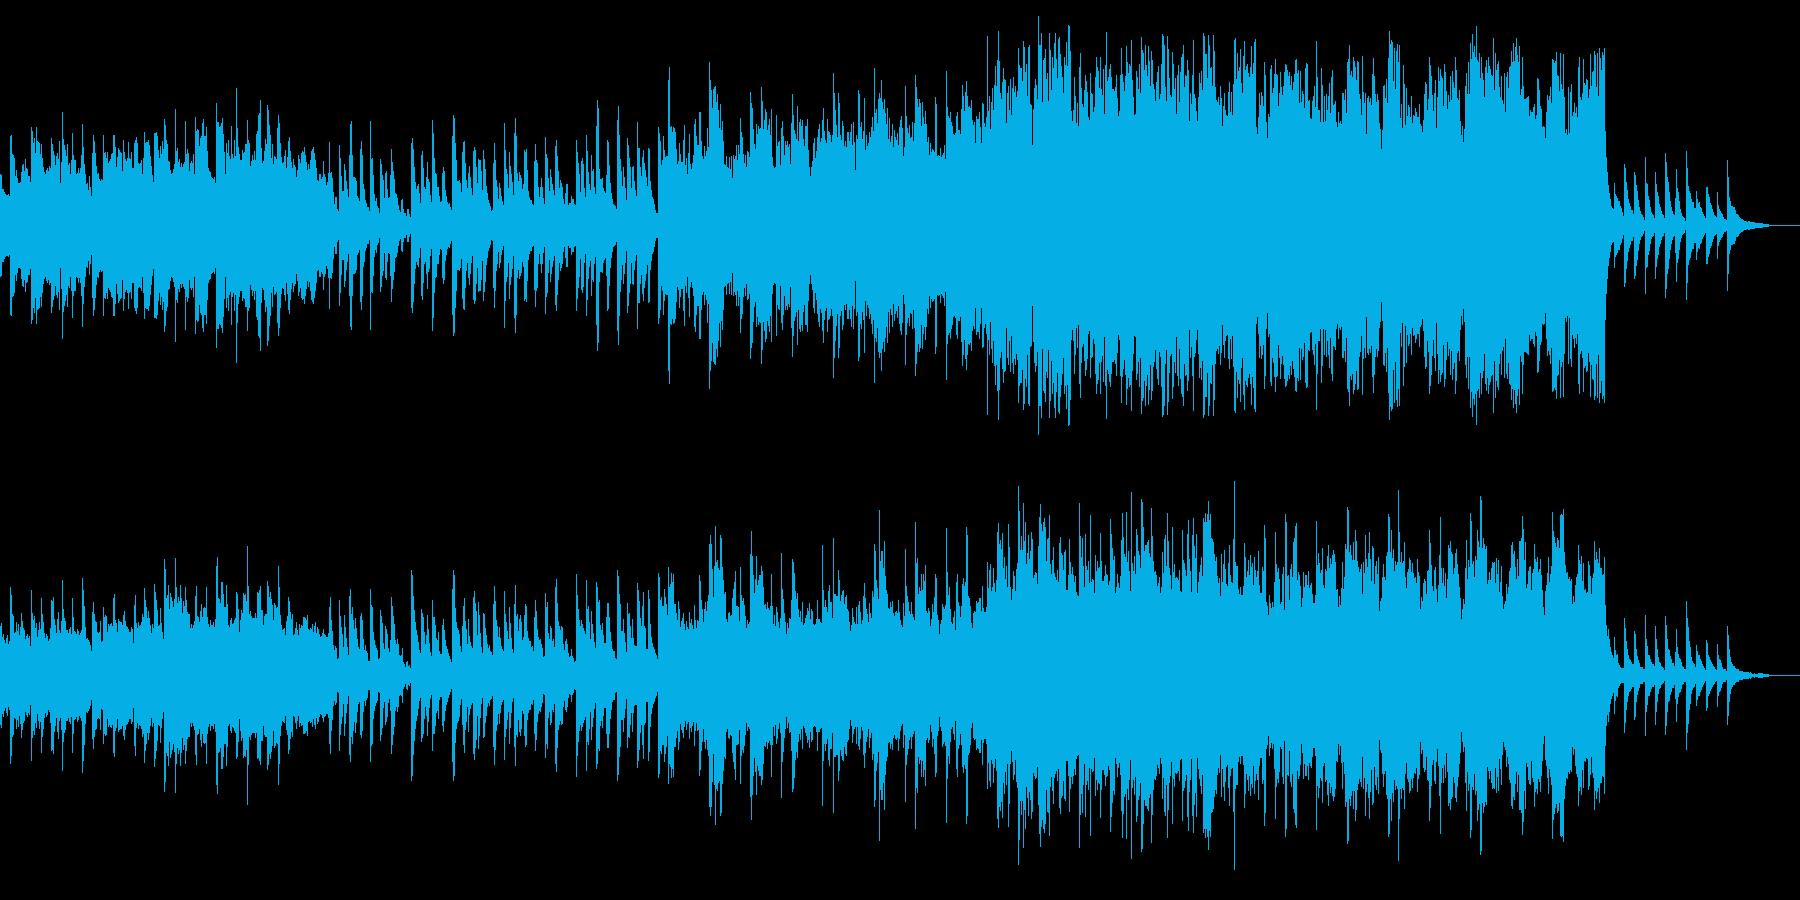 ピアノとストリングスの哀愁漂う曲の再生済みの波形